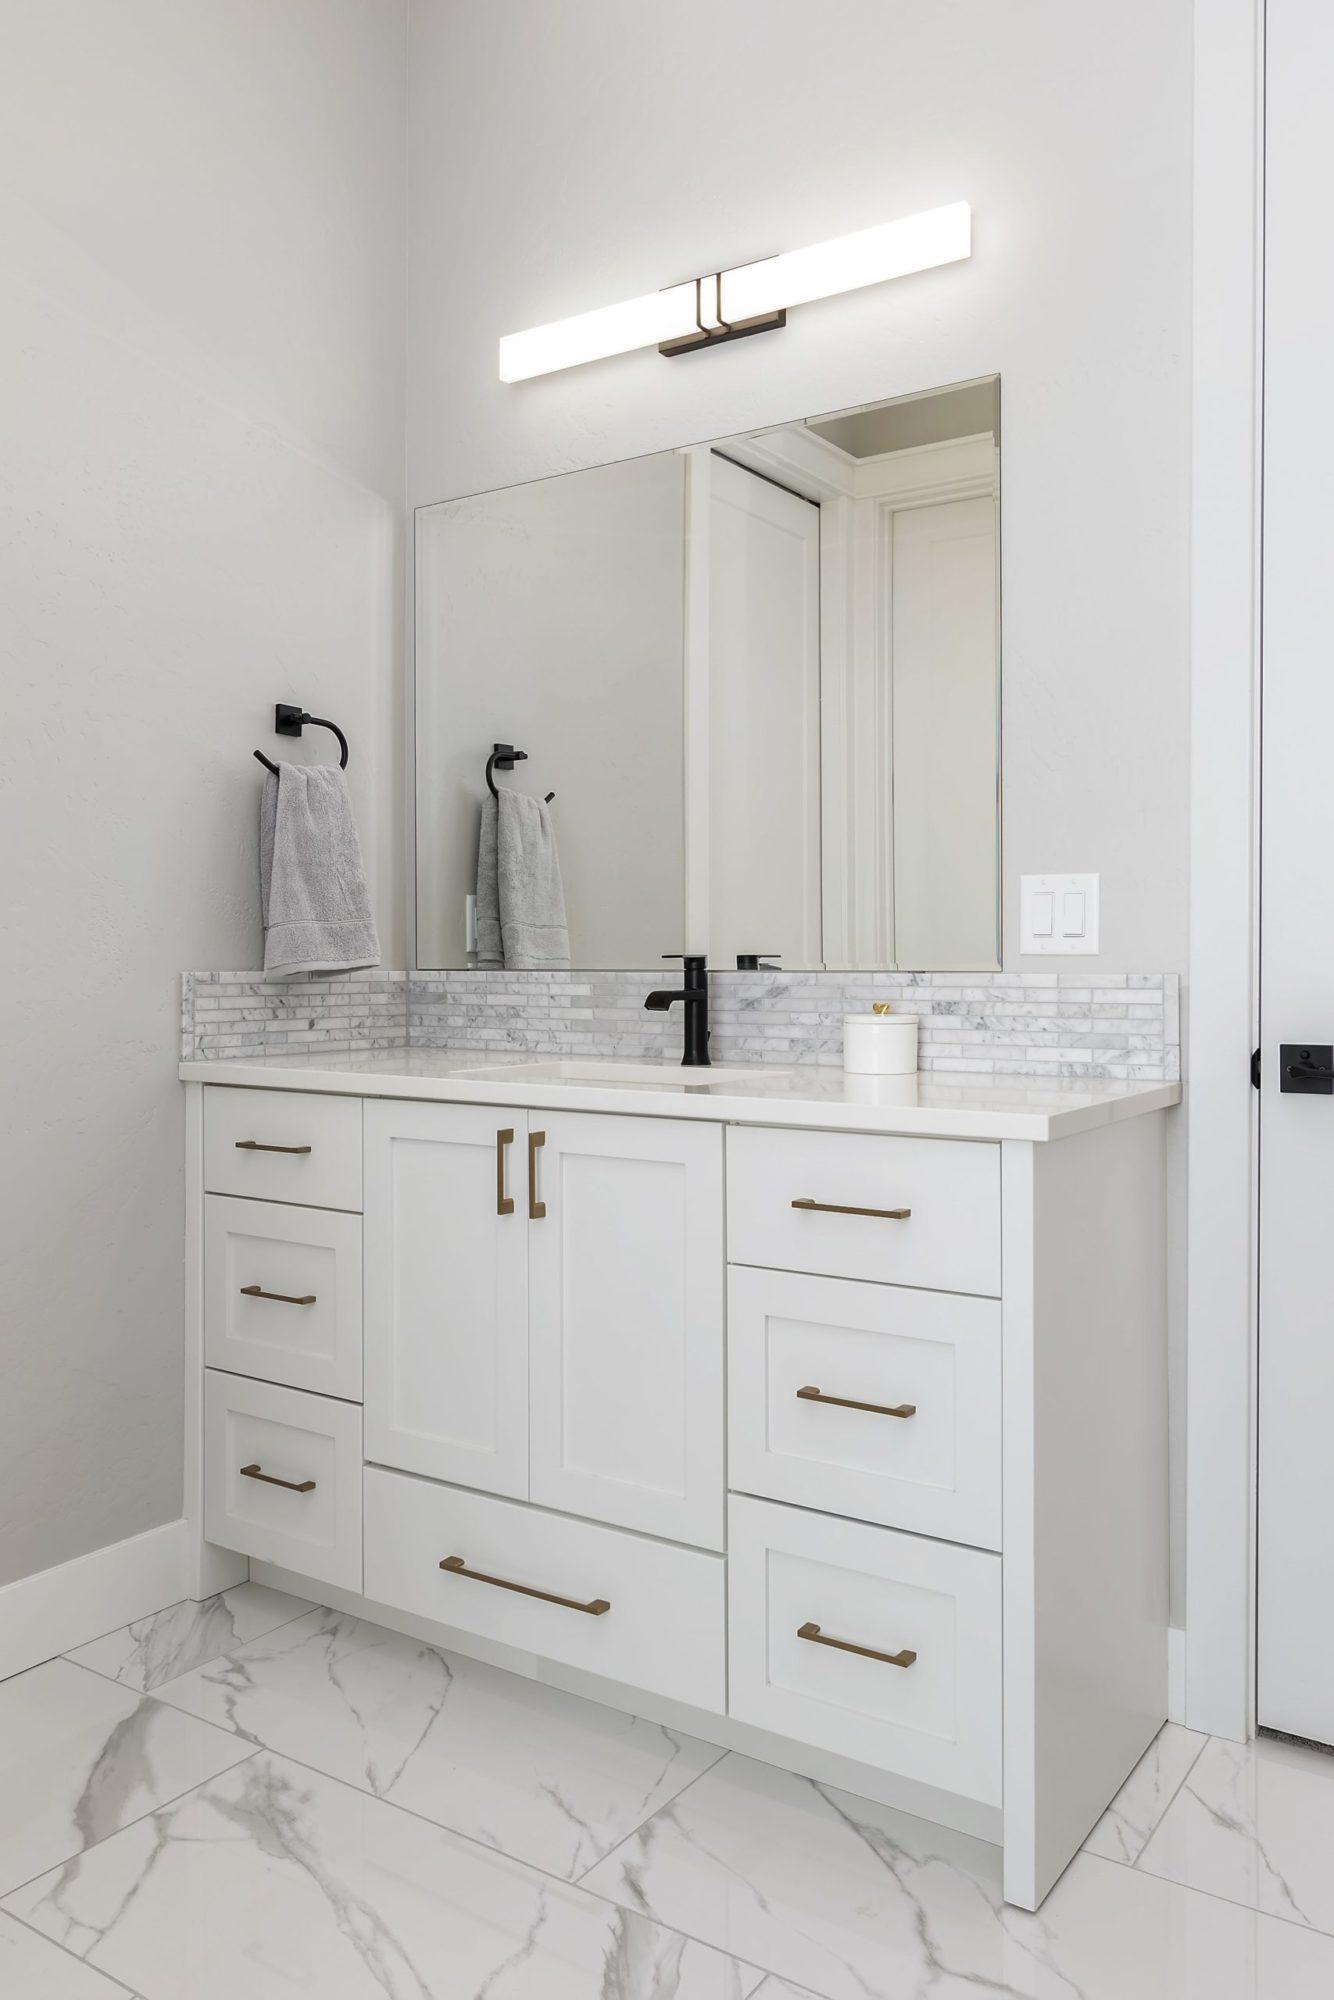 Beautiful custom bathroom cabinets